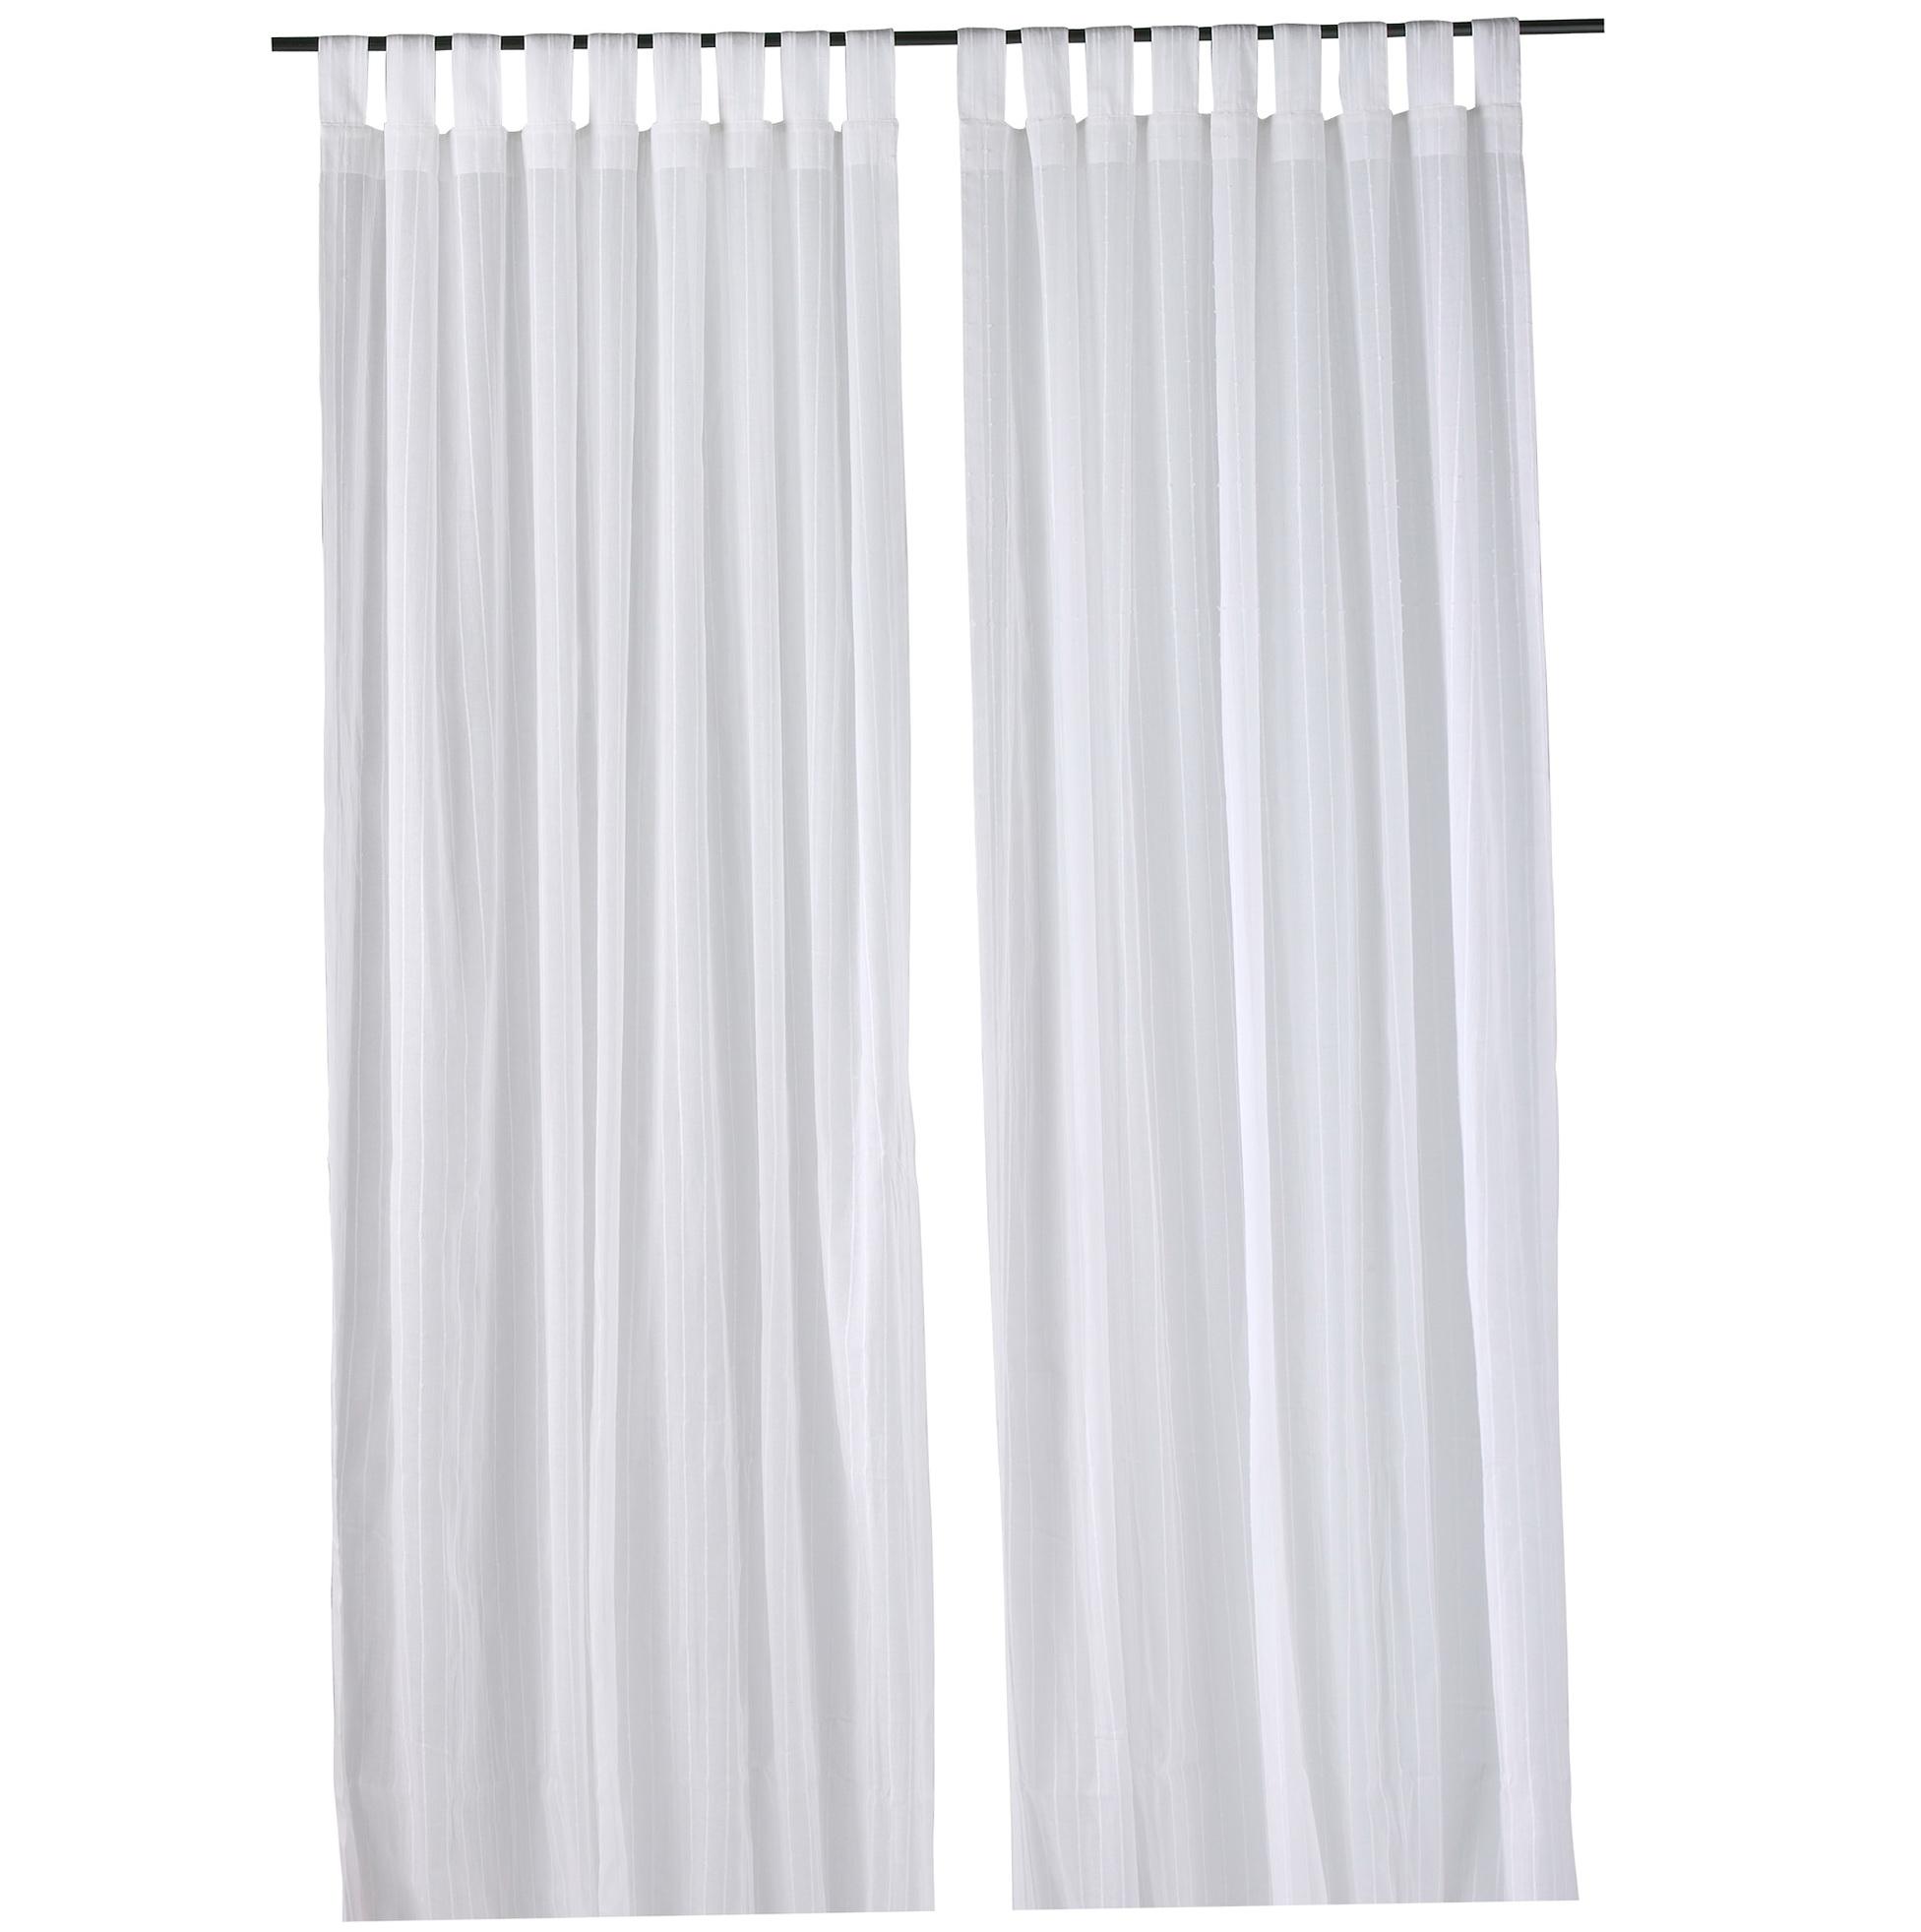 White Cotton Curtains Ikea